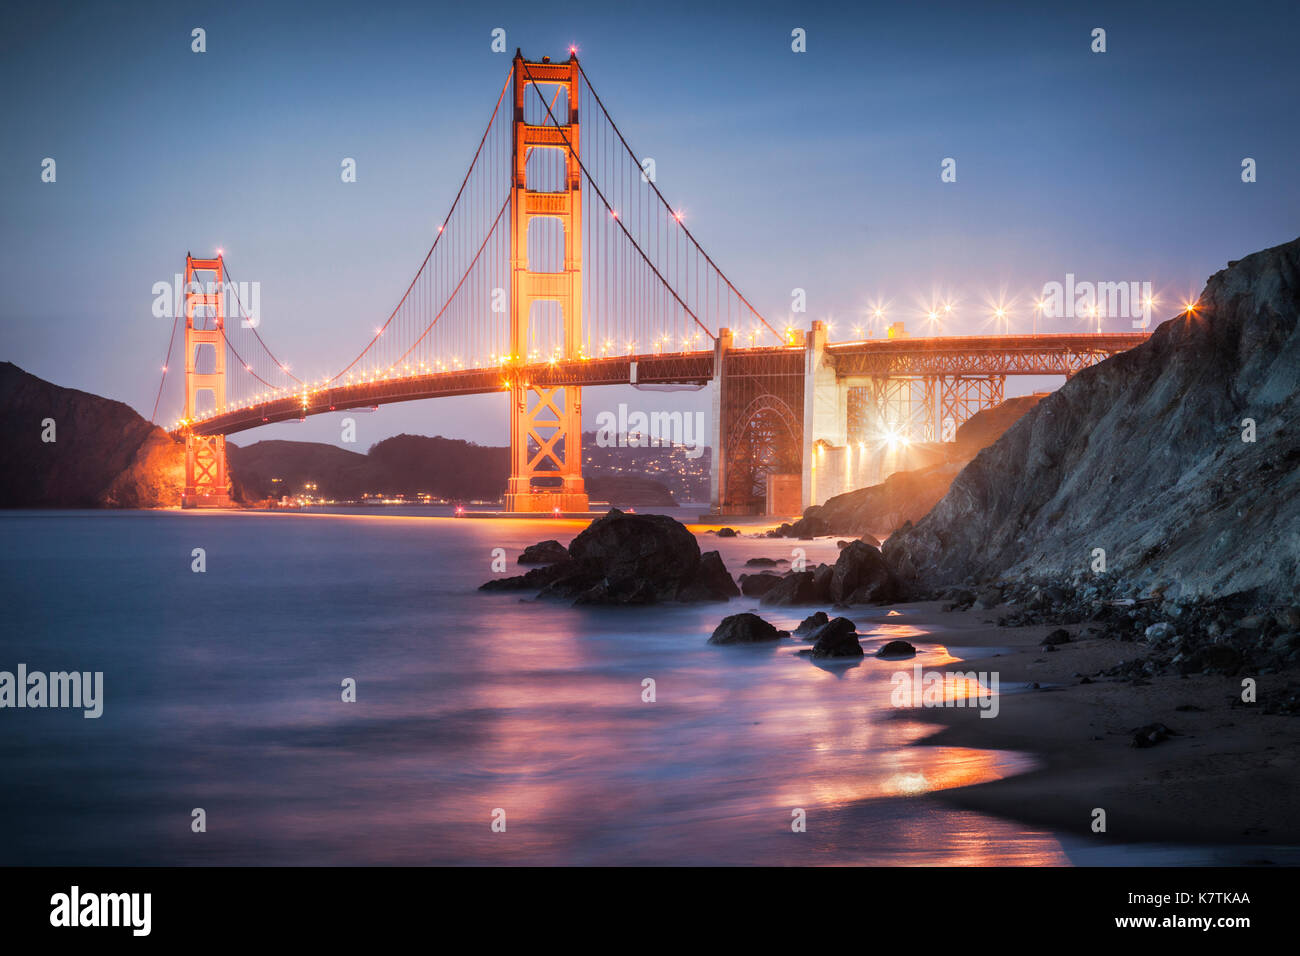 El Puente Golden Gate, San Francisco, iluminada después del atardecer. Imagen De Stock